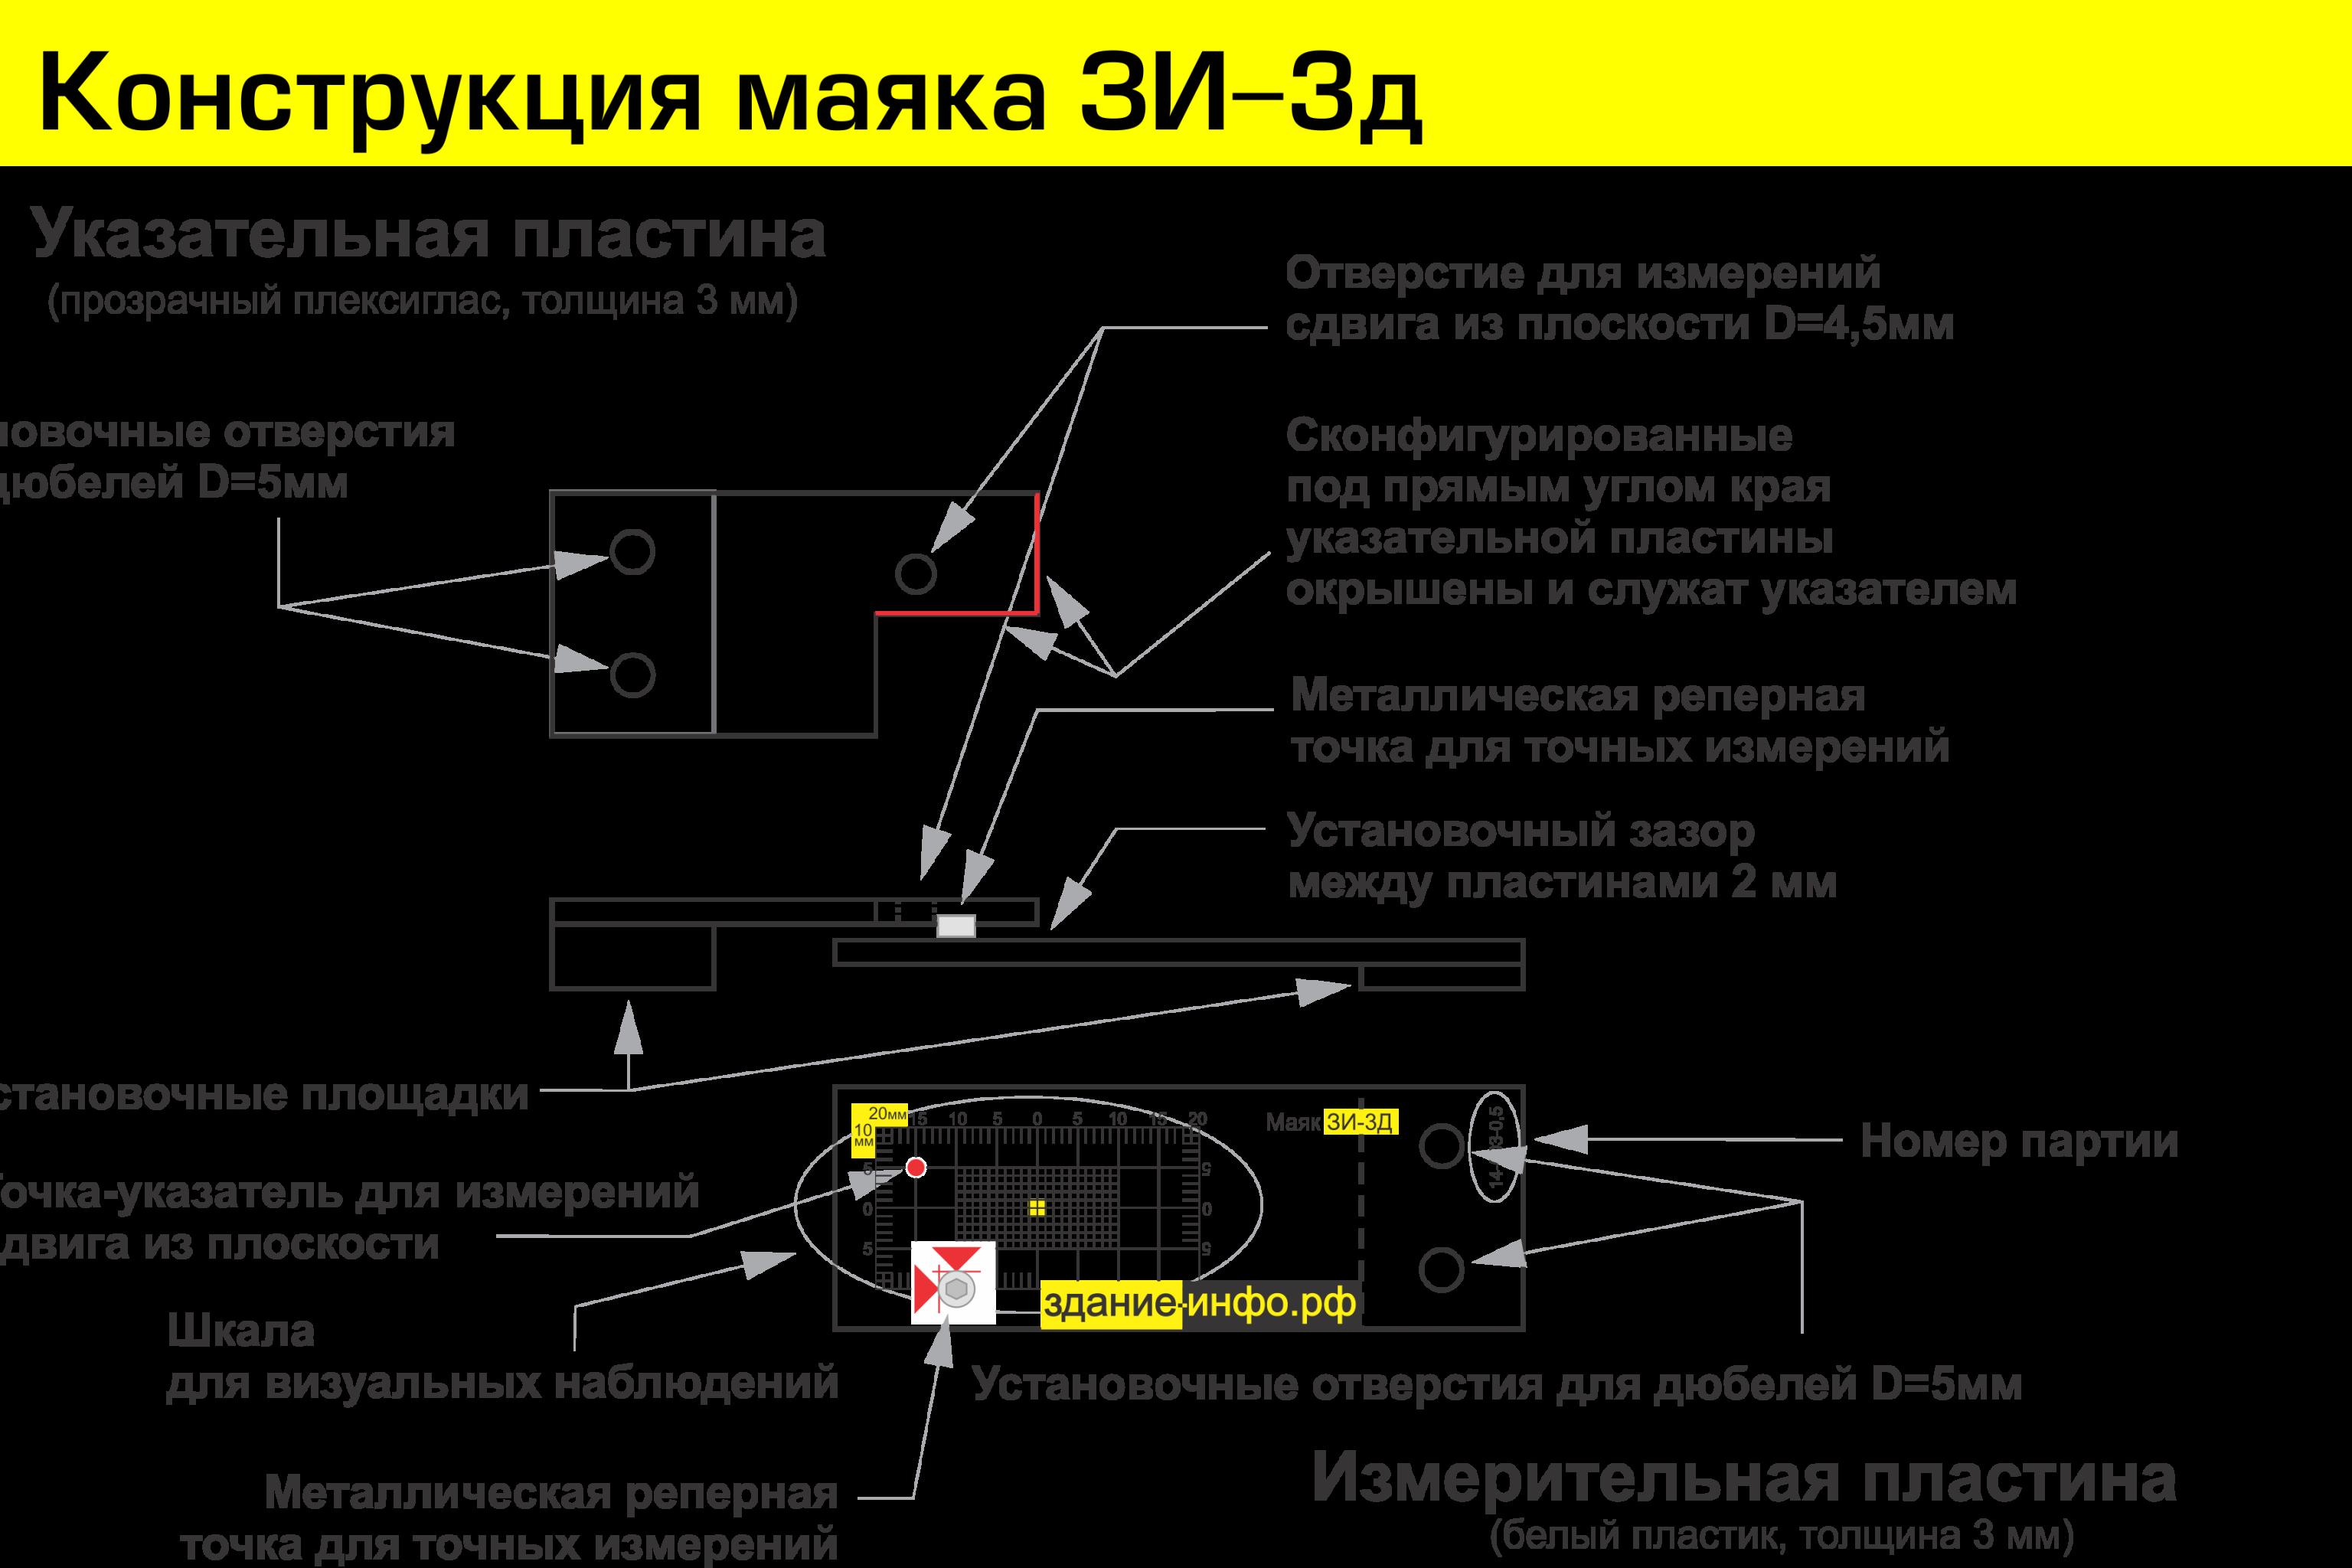 Схема маяка ЗИ-3д